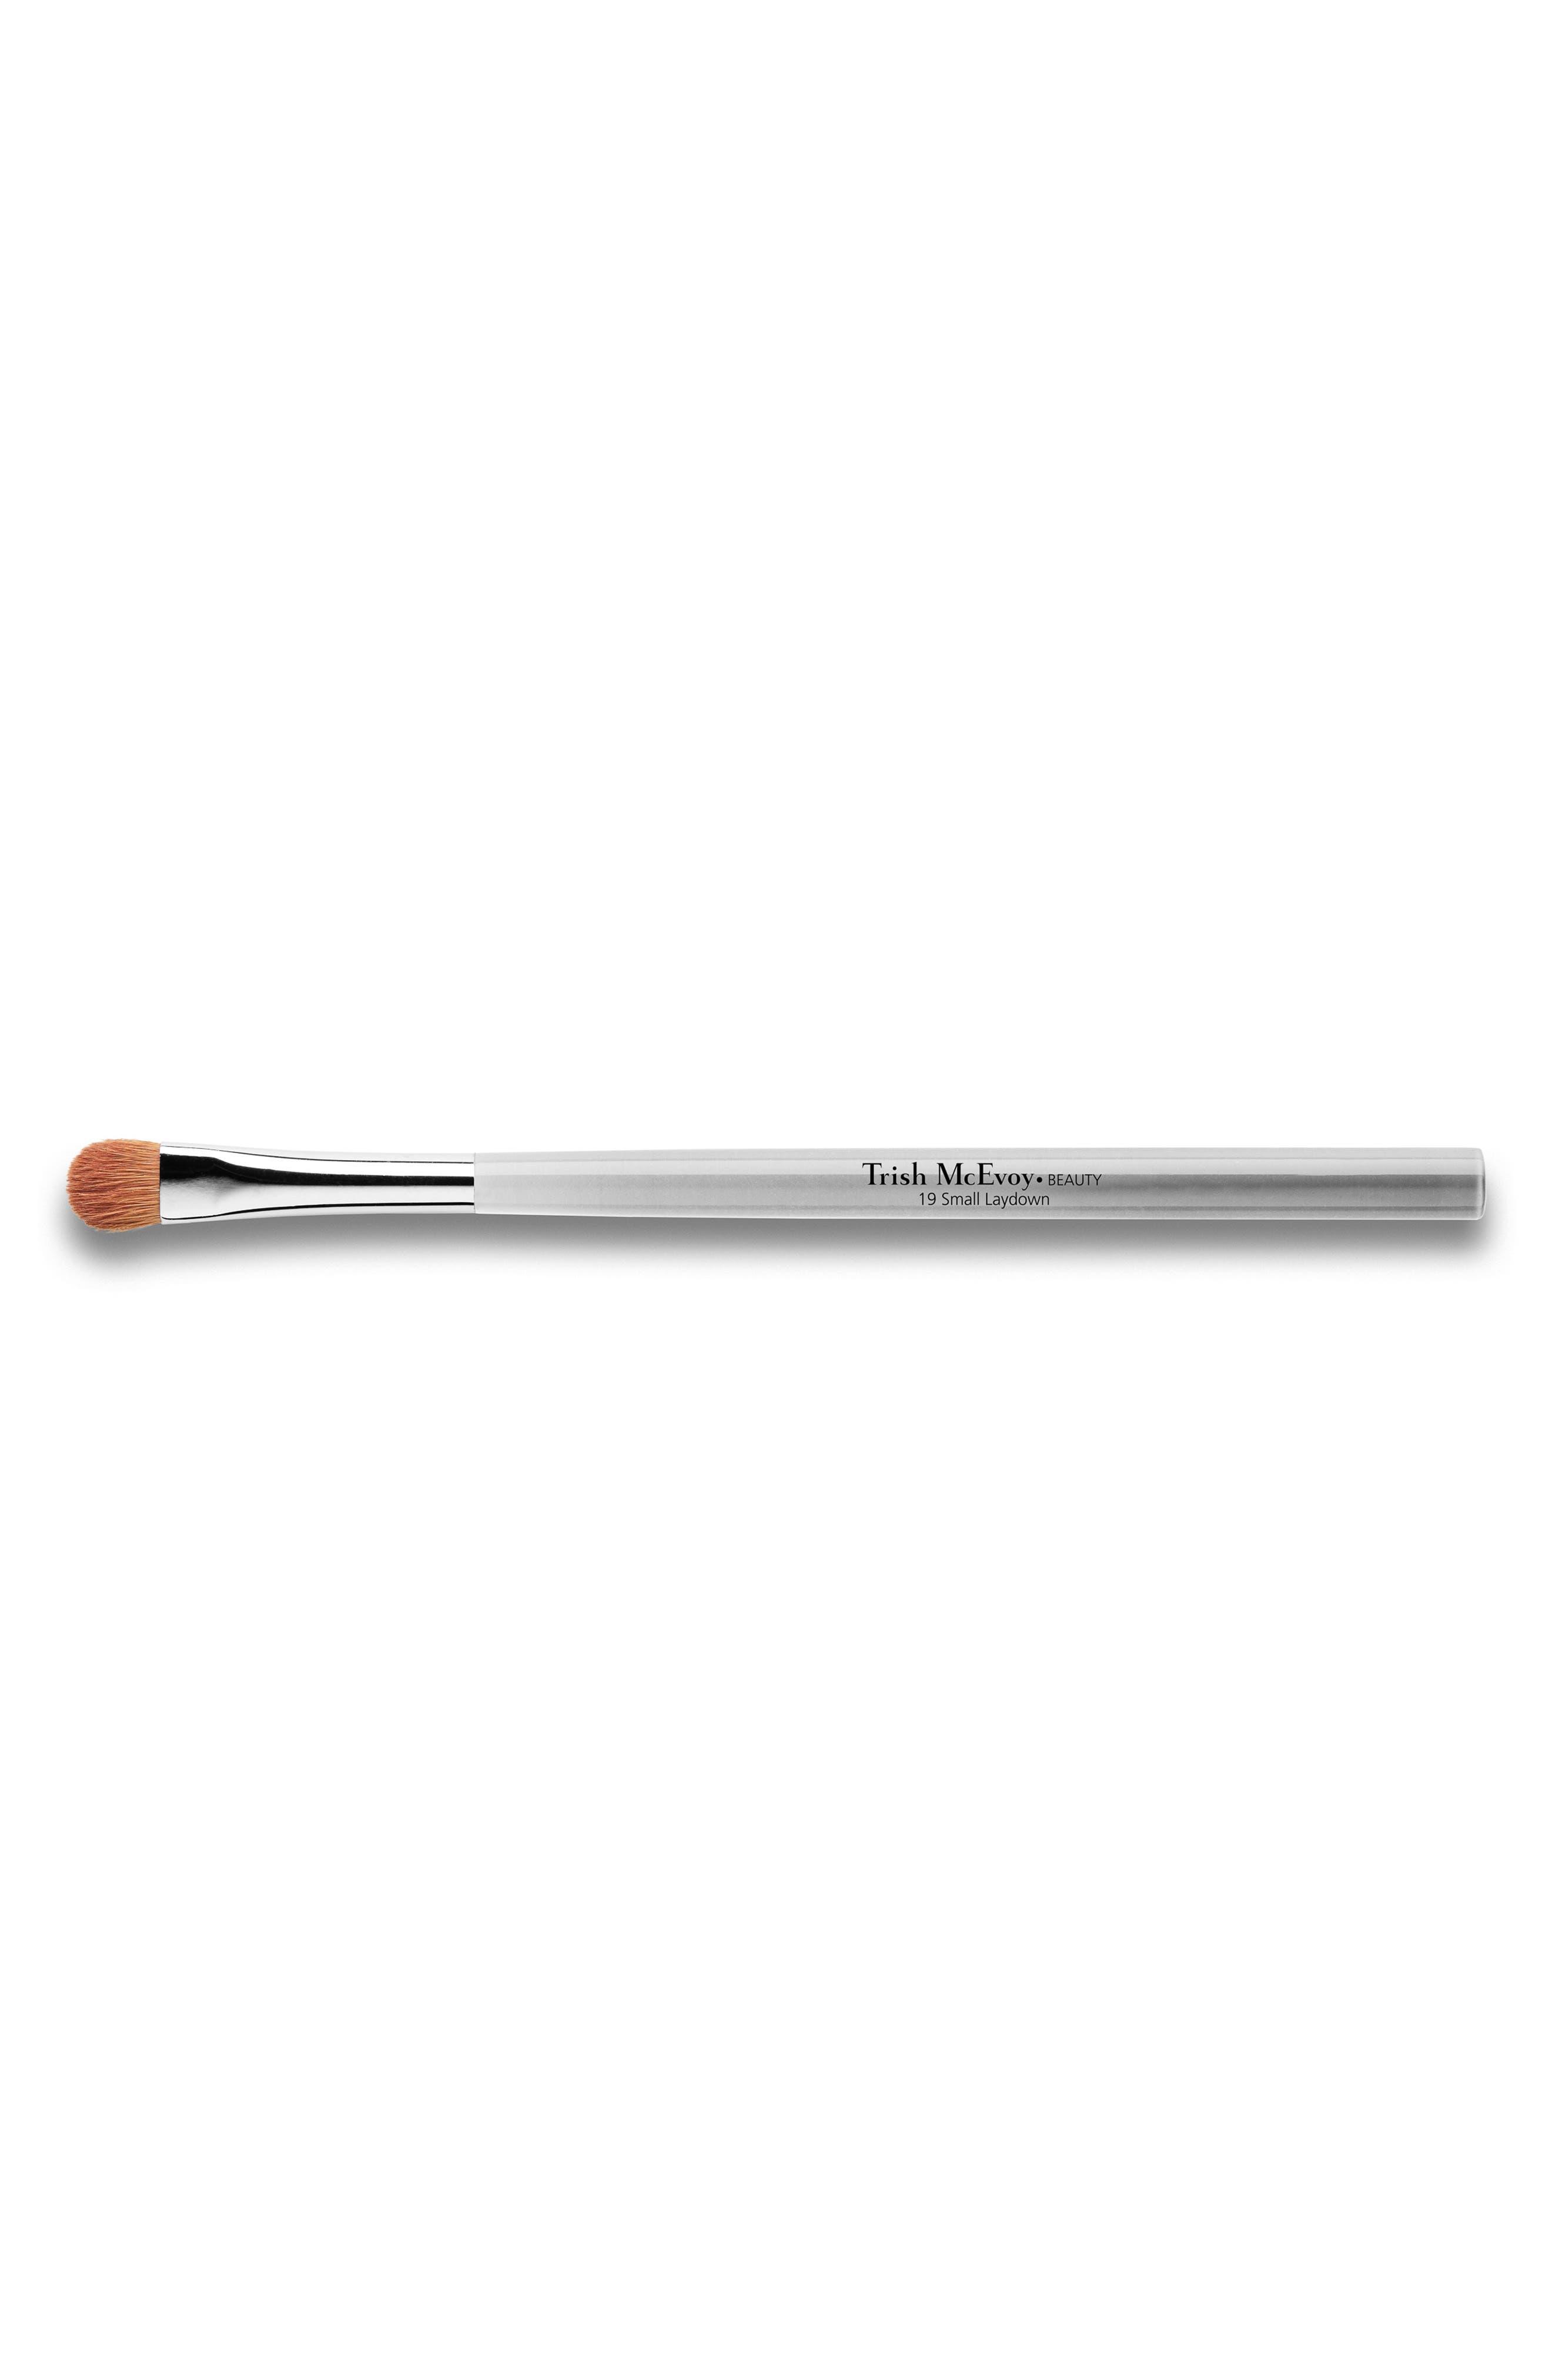 #19 Small Laydown Brush,                         Main,                         color, NO COLOR